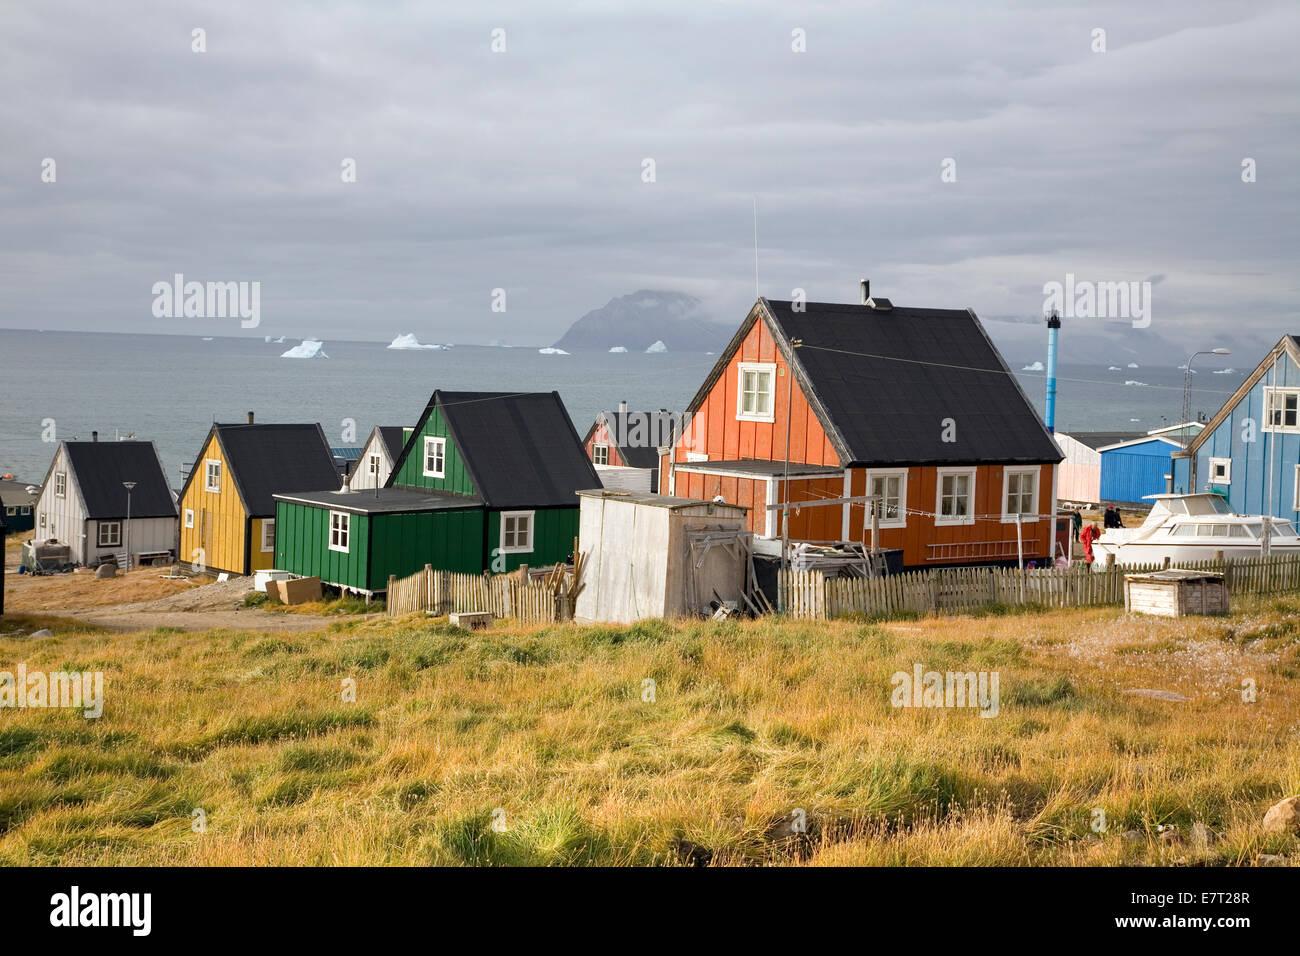 """Qaanaaq, aussi connu sous le nom de """"nouvelle Thulé, Groenland' Banque D'Images"""